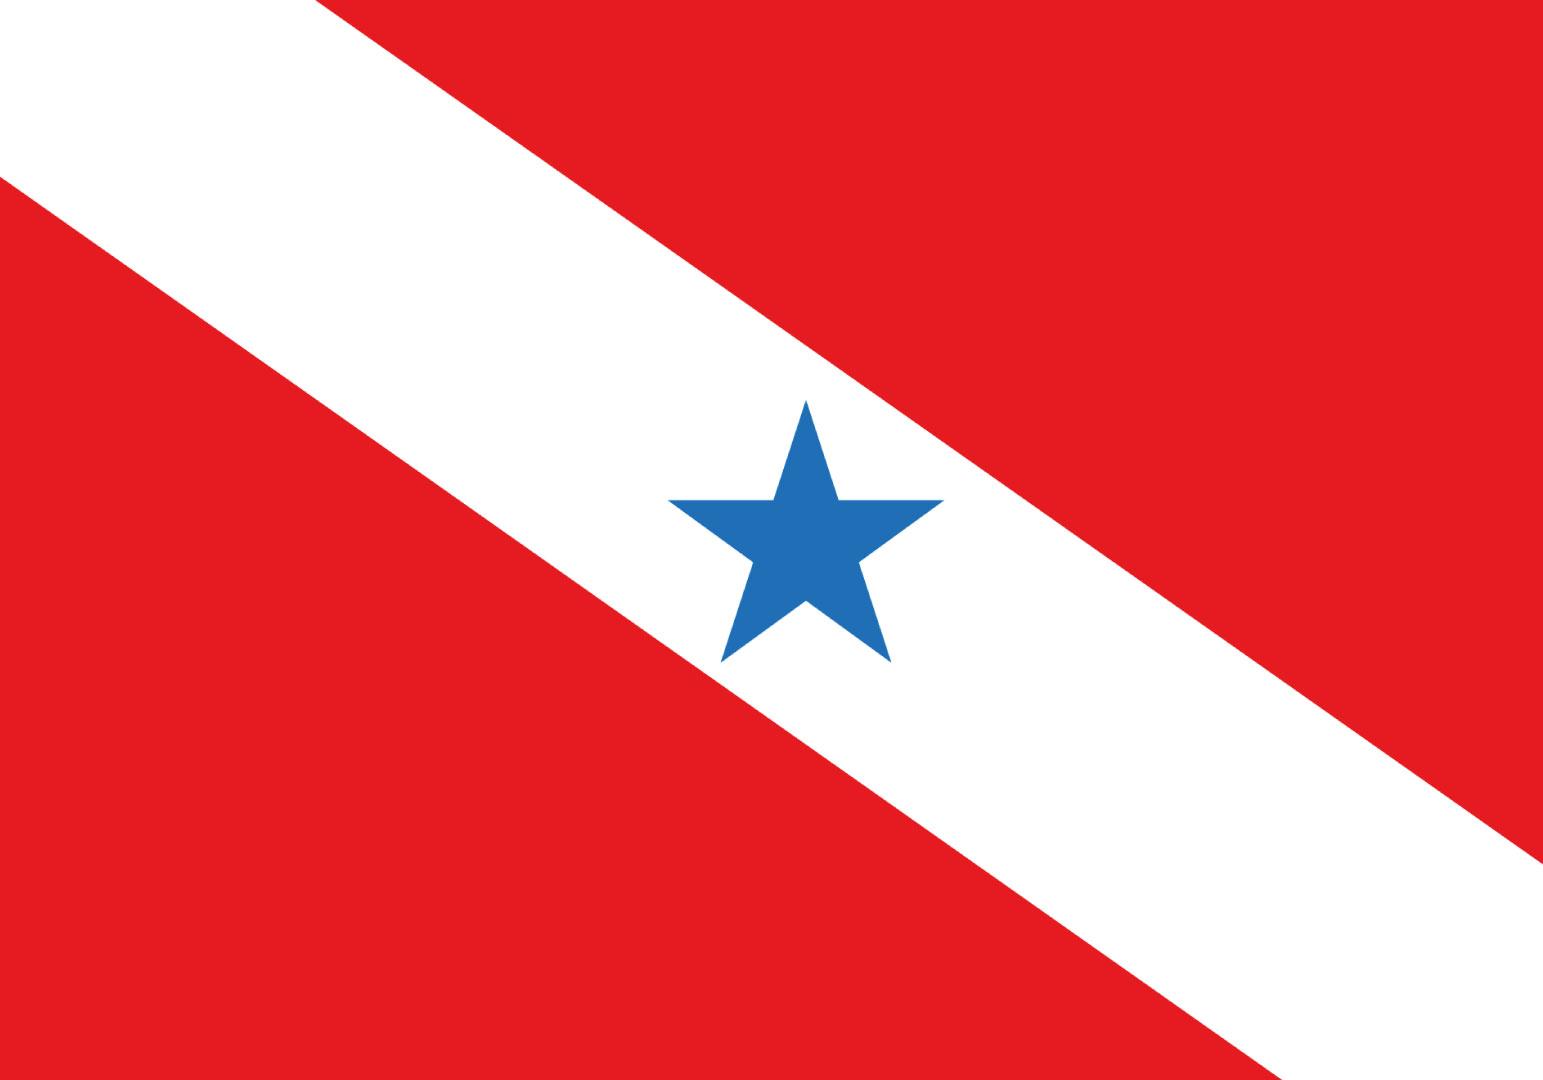 Sindicato dos C.F.C.s do Estado do Pará